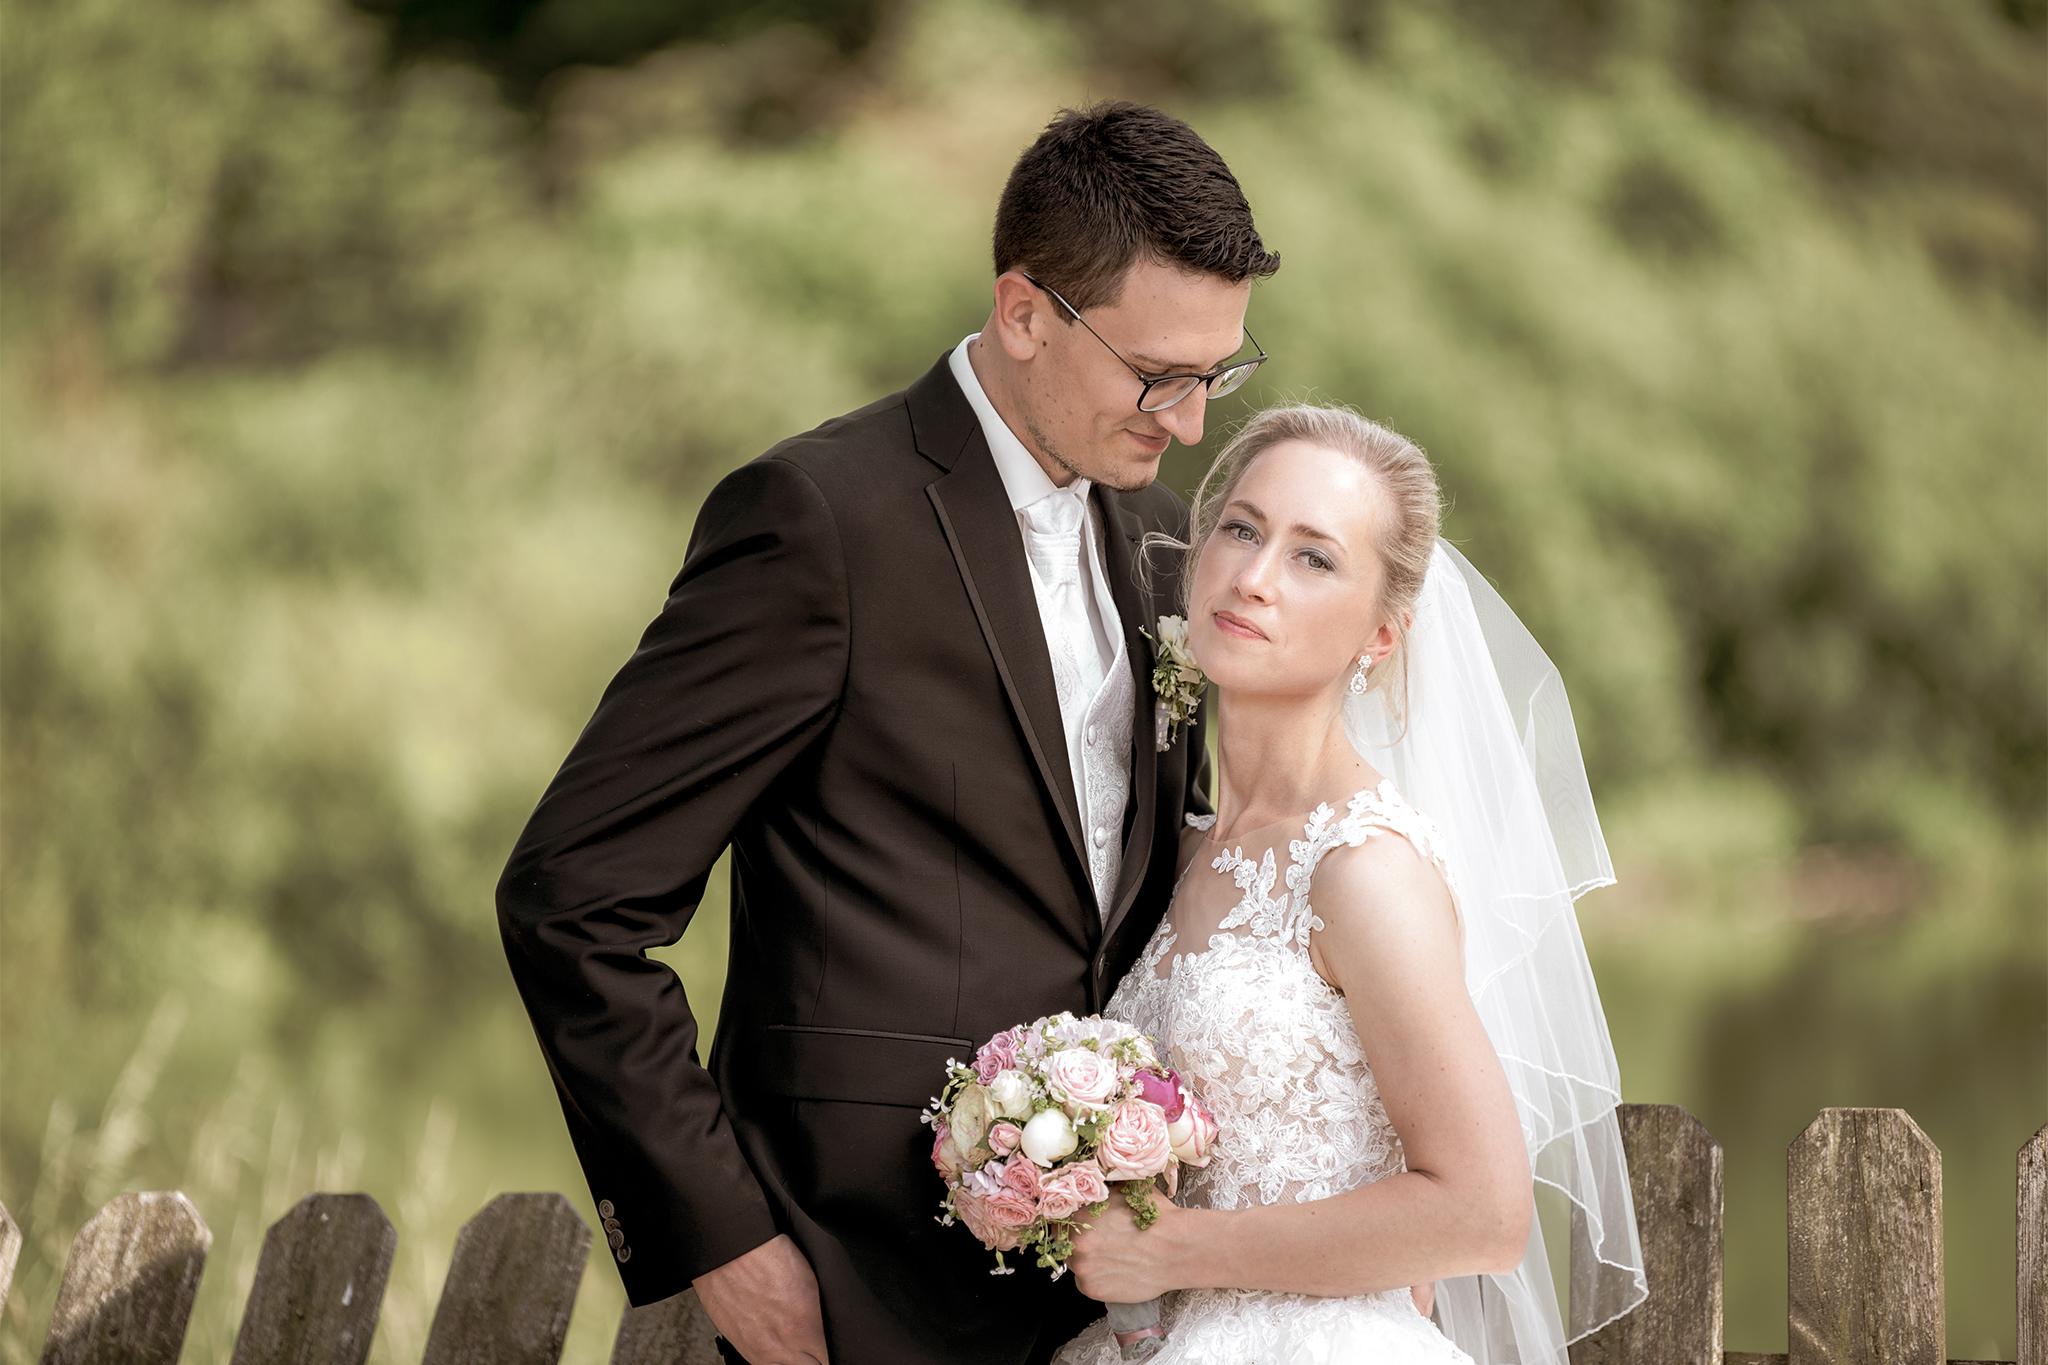 Brautpaar genießt Hochzeit mit Brautstrauß im Grünen